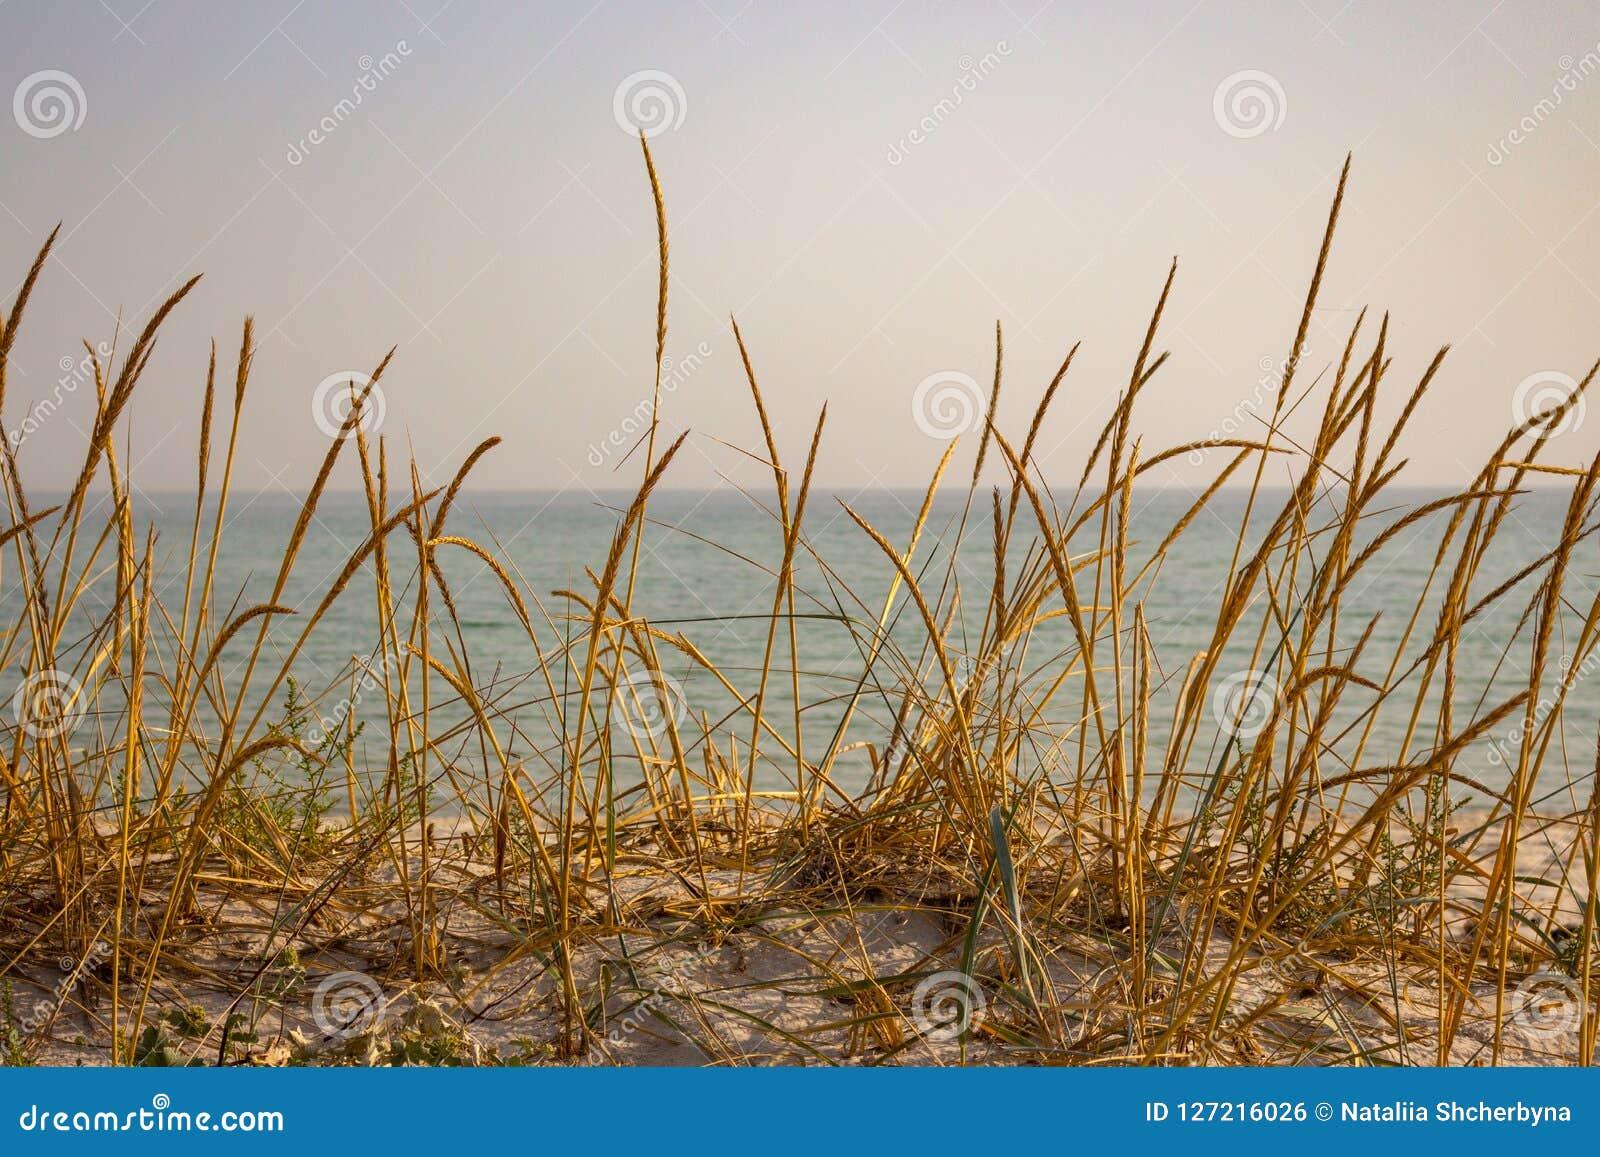 Torrt gult gräs i dyn mot det lugna havet Sjösidabakgrund Högväxt vass på sandstranden Seascape på solnedgång